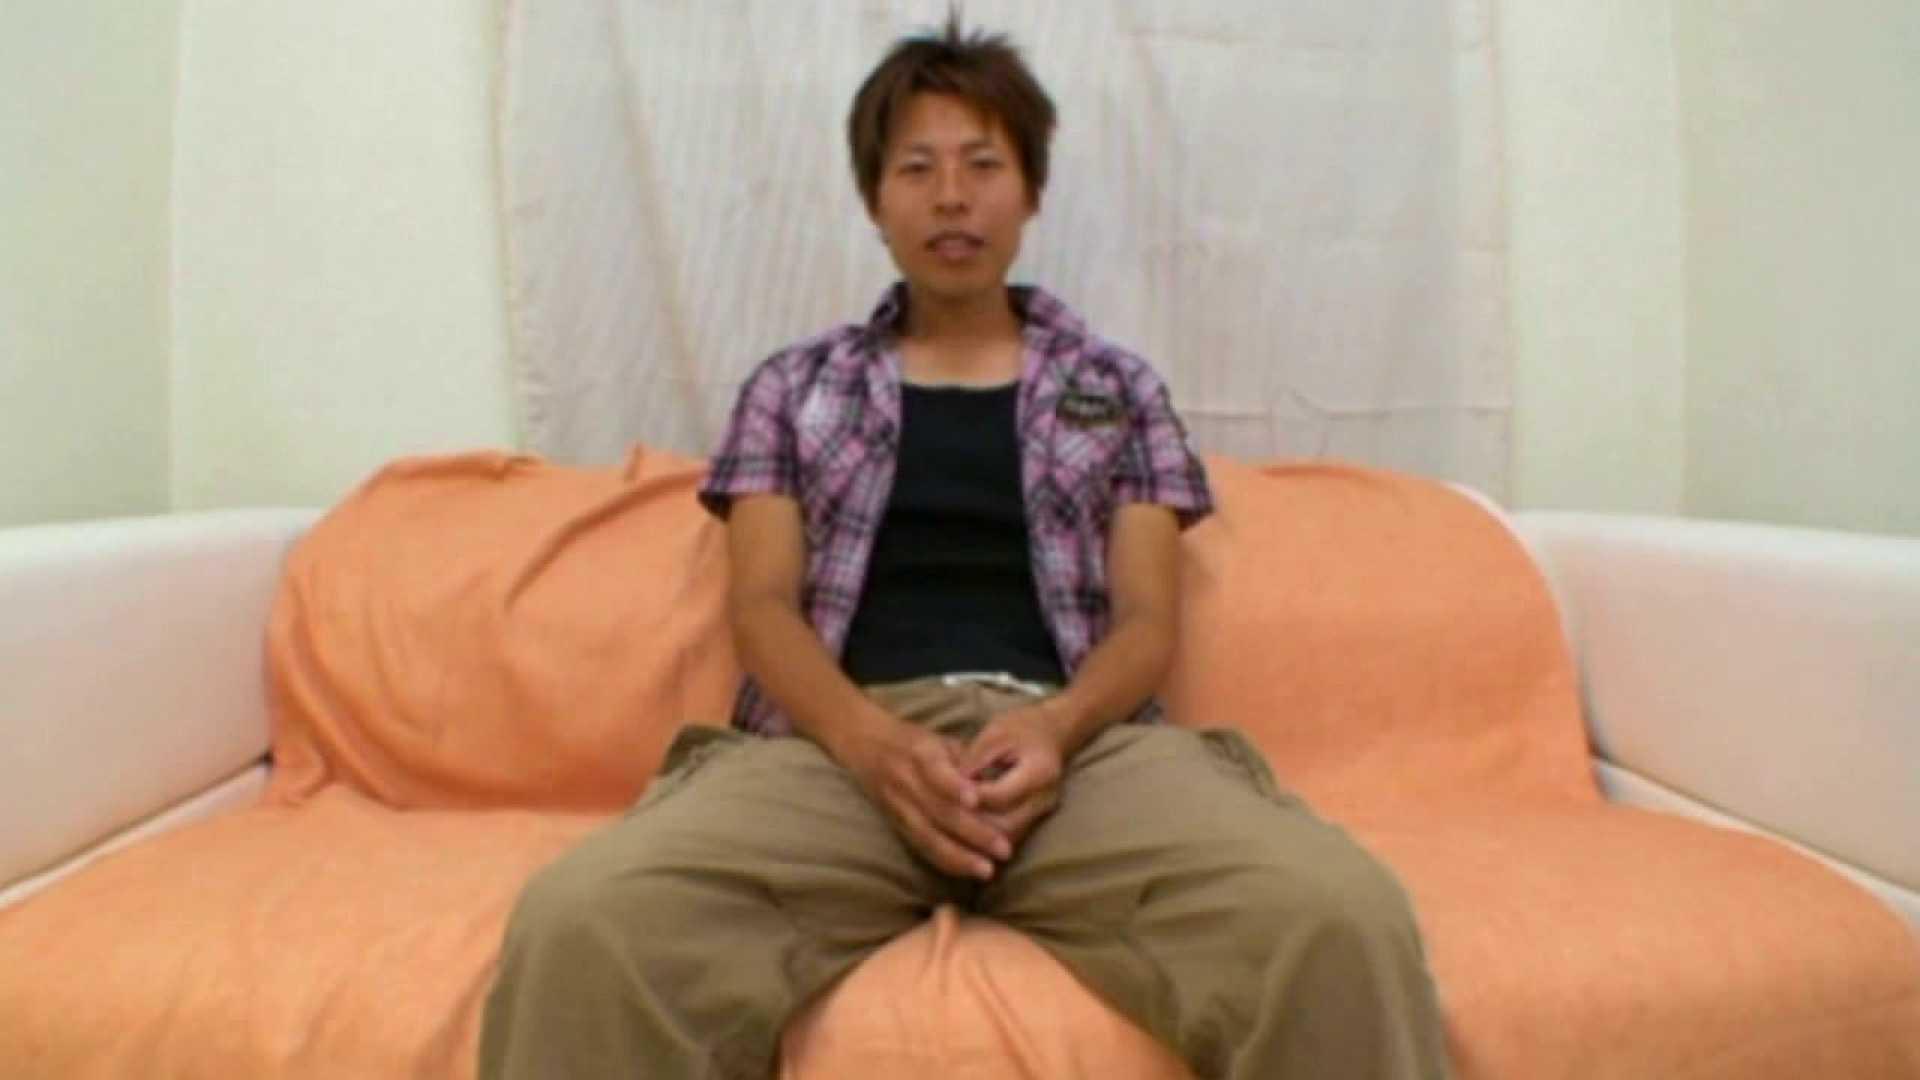 ノンケ!自慰スタジオ No.10 オナニー   素人ゲイ アダルトビデオ画像キャプチャ 47pic 25